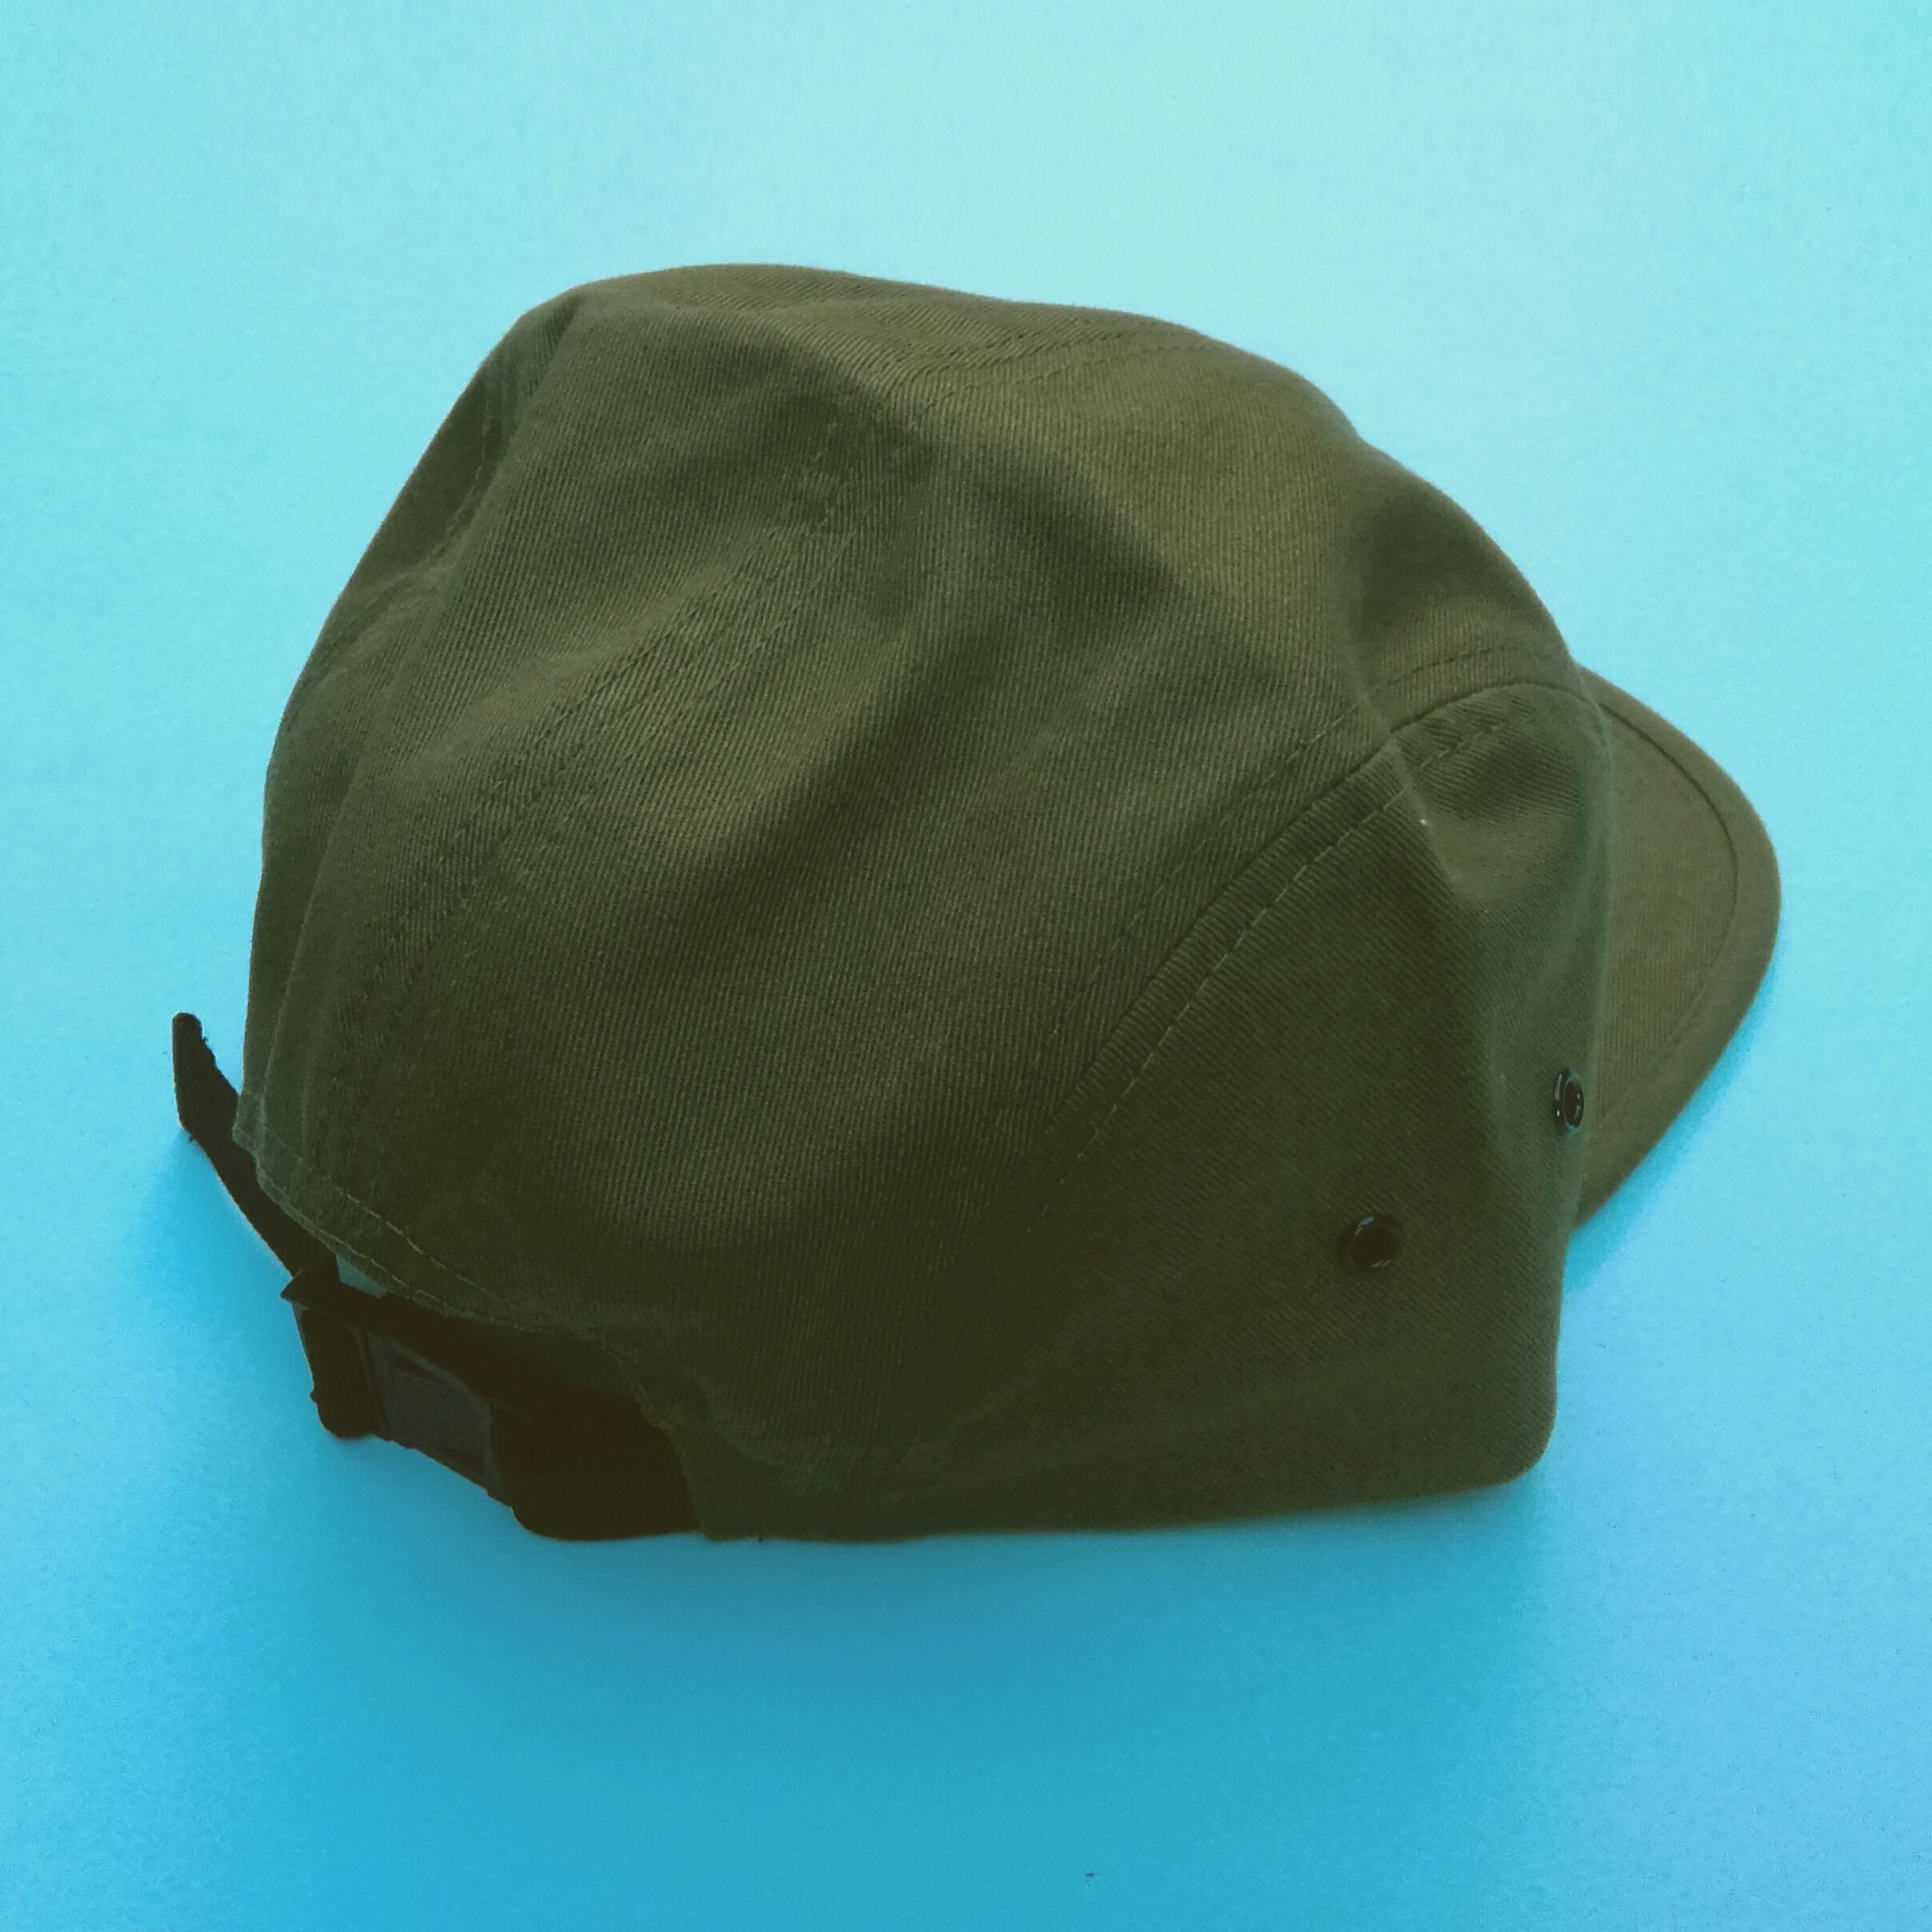 イタズラ Jet Cap OLIVE GREEN